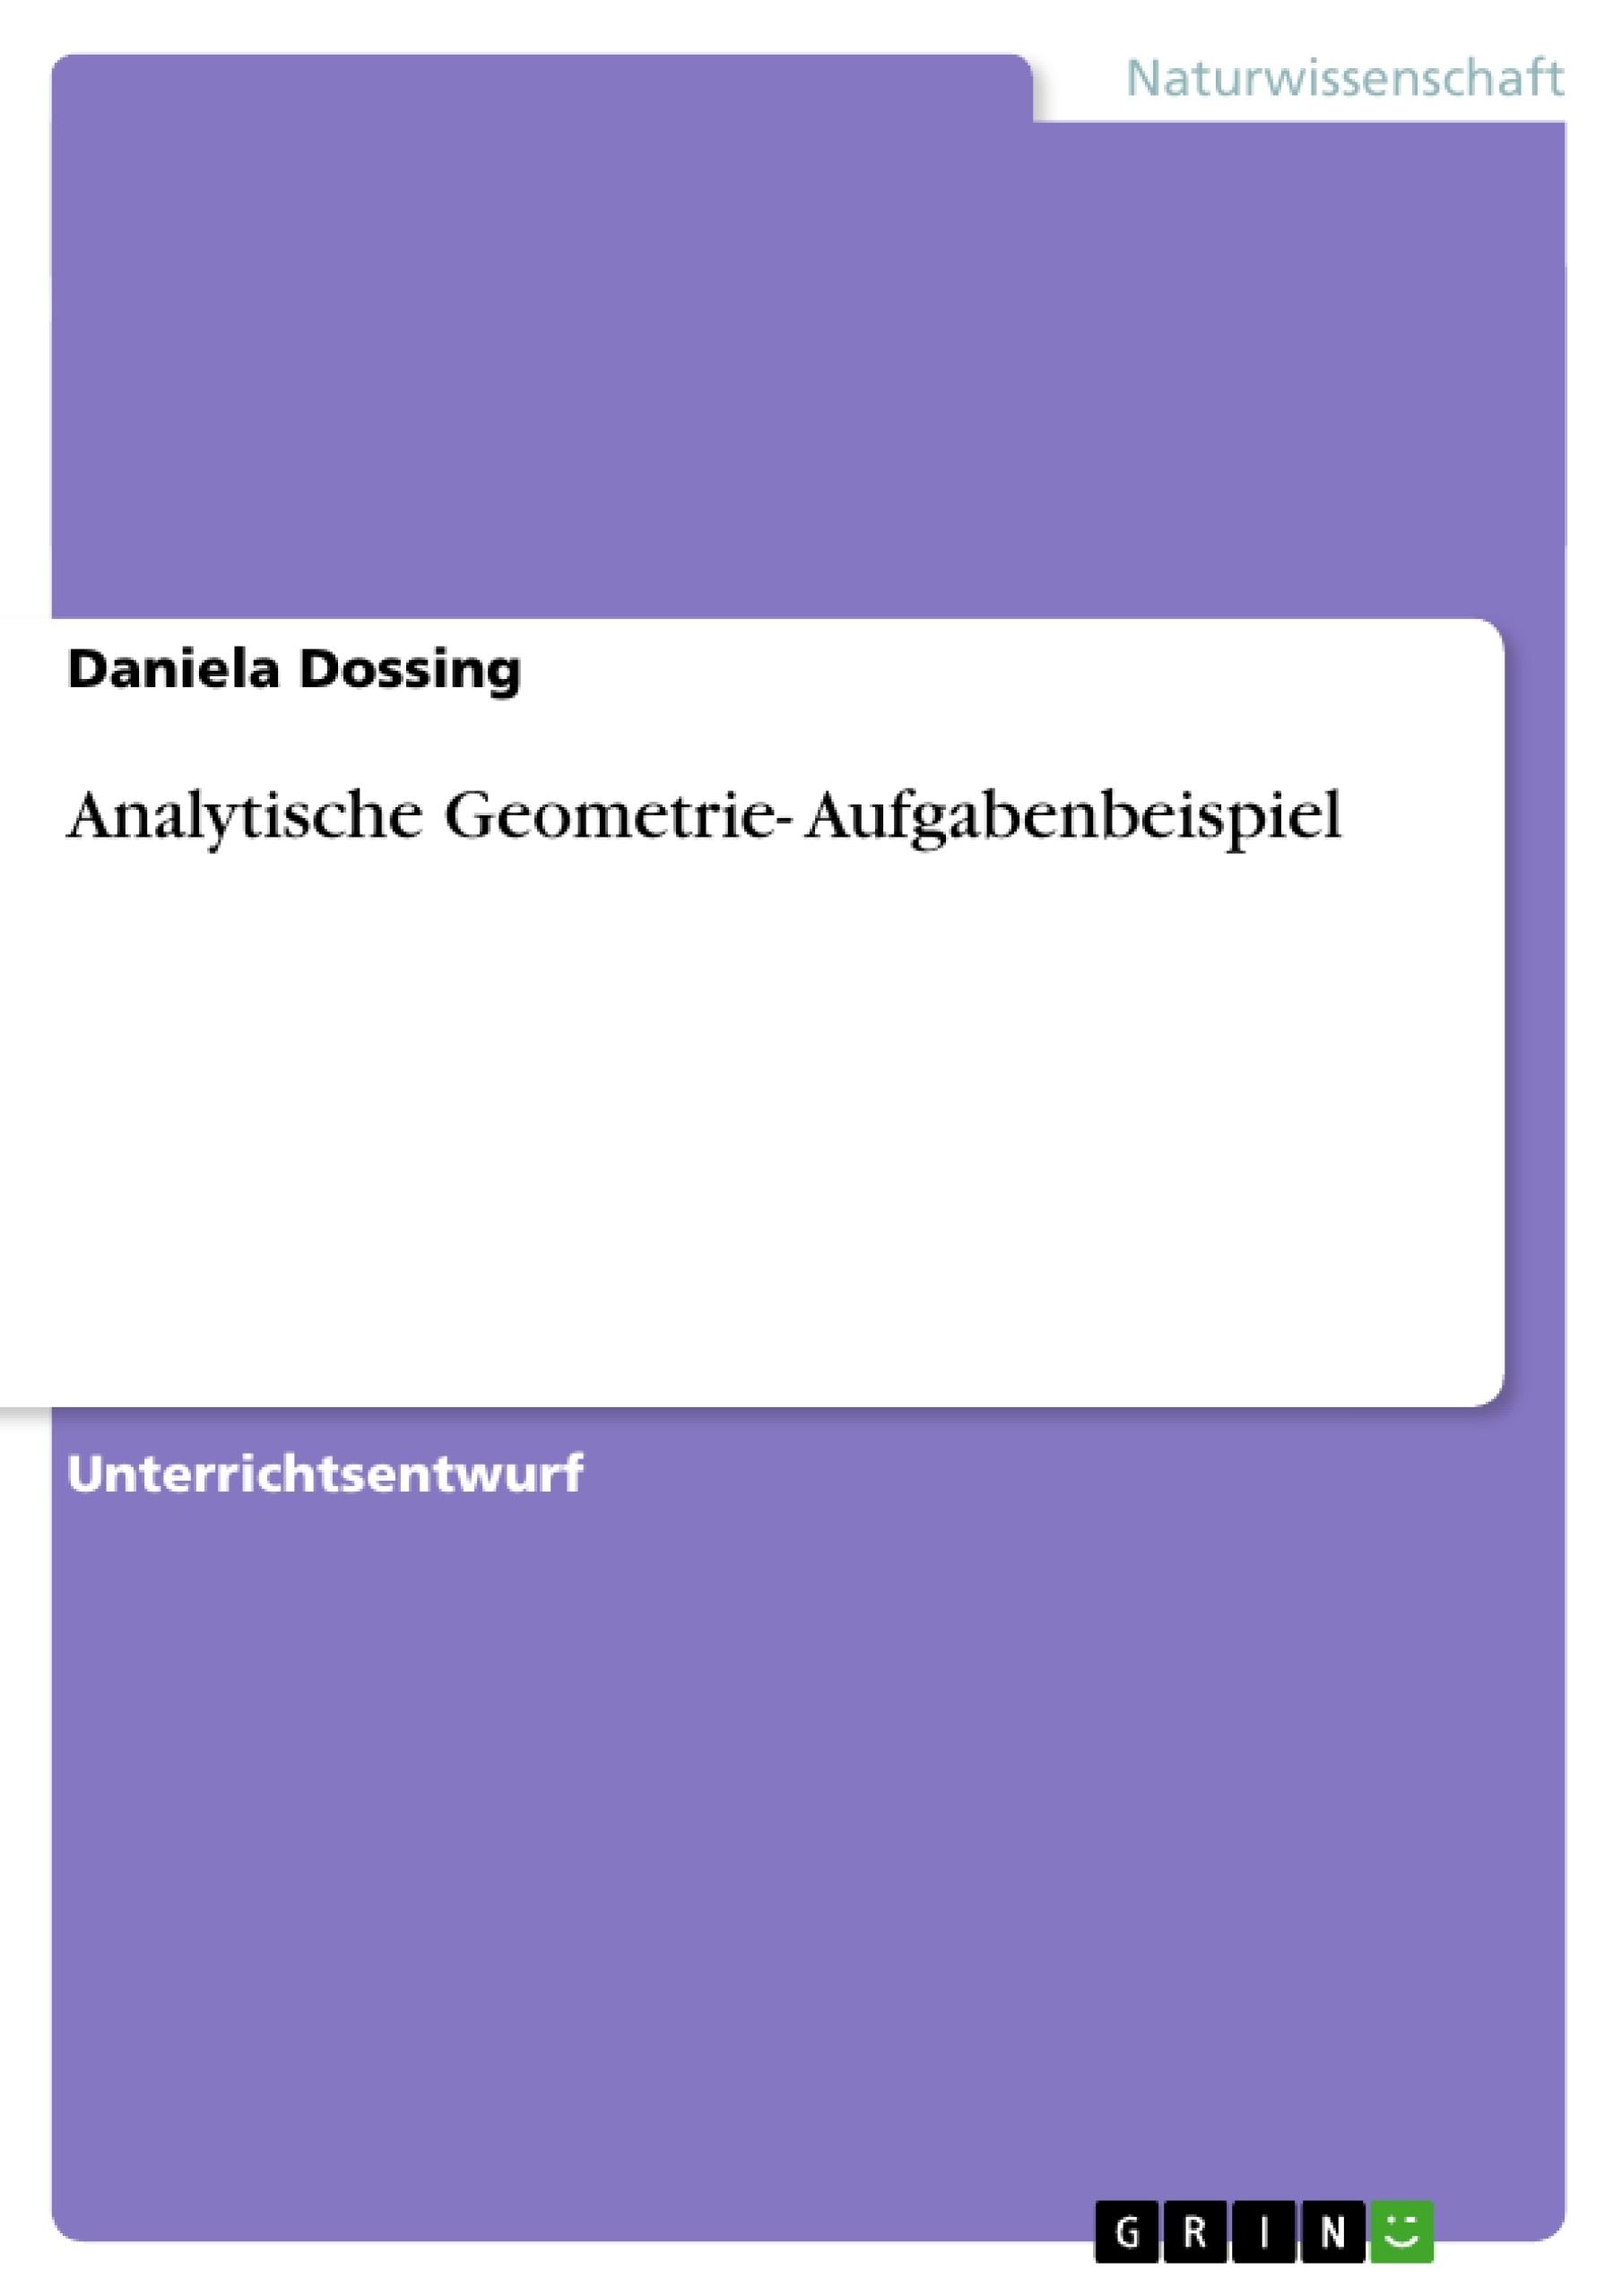 Titel: Analytische Geometrie- Aufgabenbeispiel